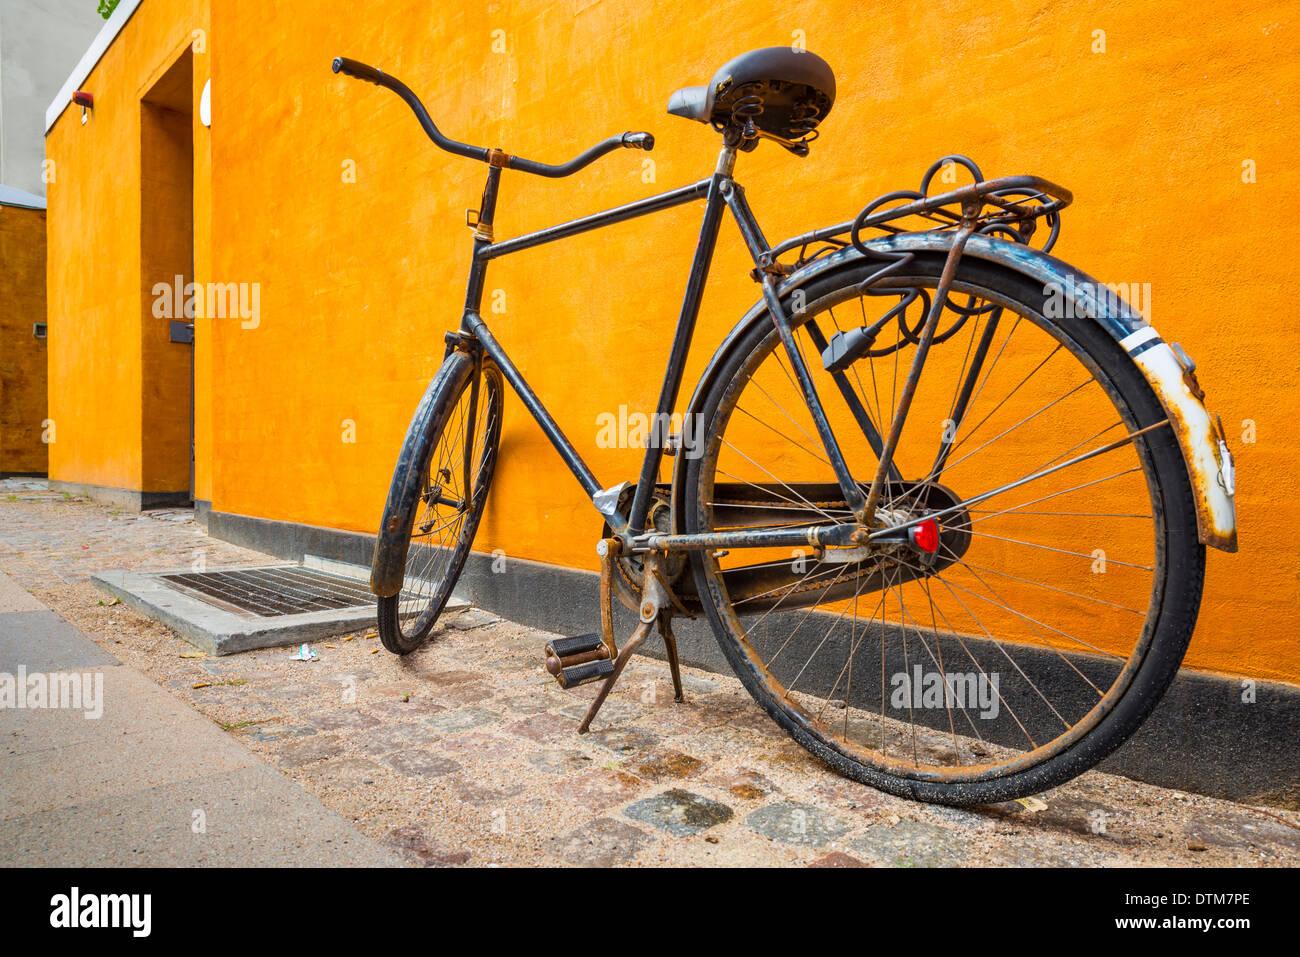 Ein Fahrrad auf dem Bürgersteig in Kopenhagen, Dänemark. Stockbild